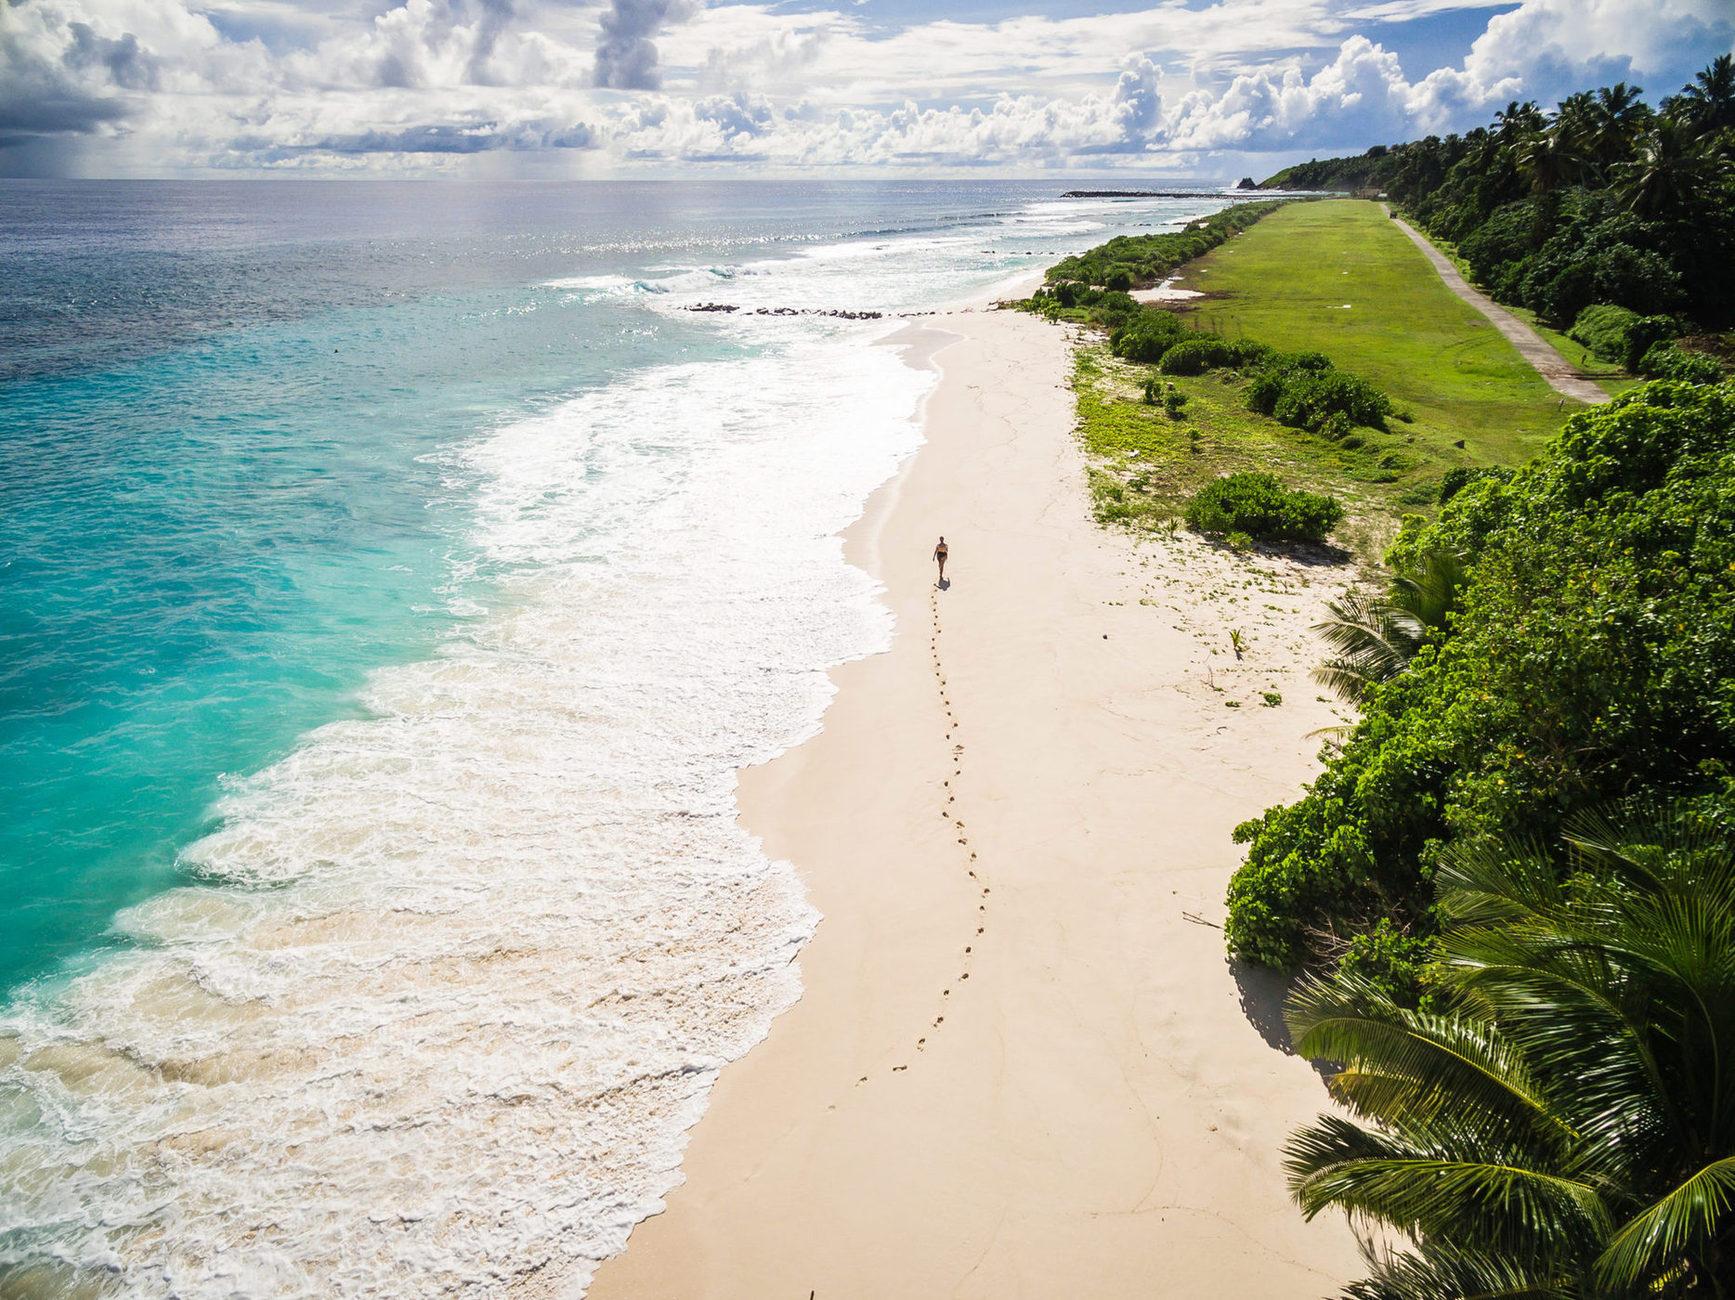 Одновременно на острове могут находиться до 40 туристов, о которых заботятся около 100 человек персонала.